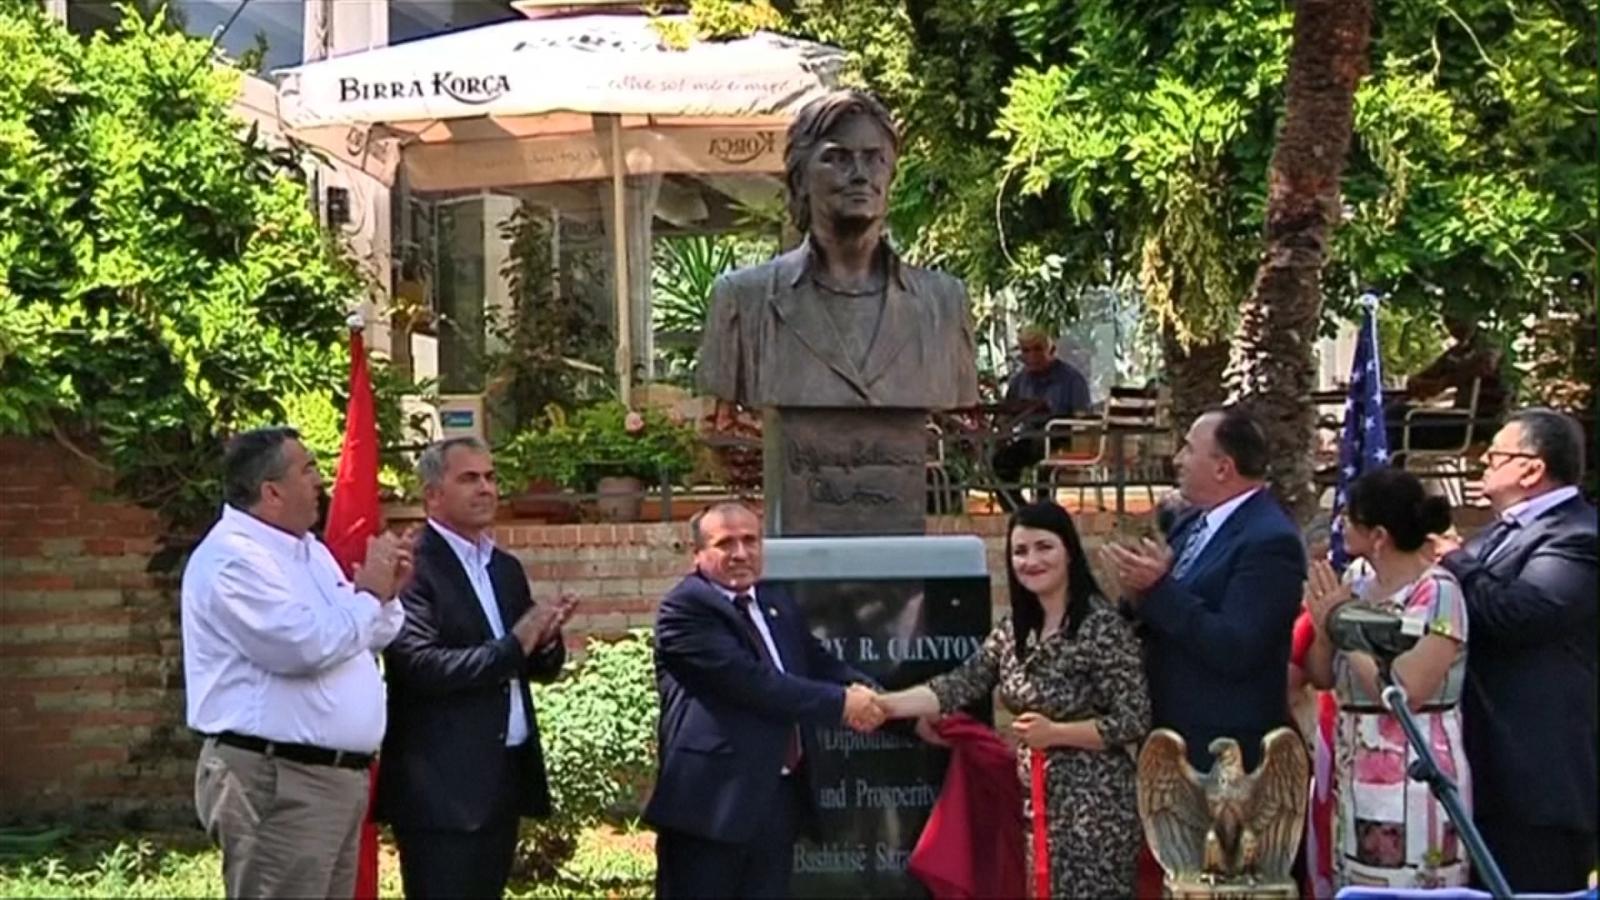 Косово, / земјо обеќана..... / Hillary-clinton-statue-unveiled-small-albanian-town